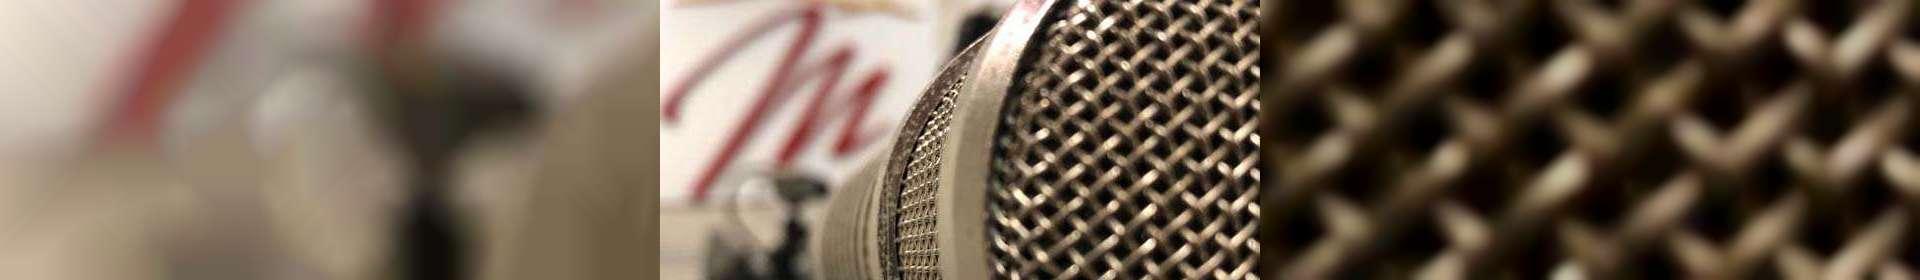 Entrevistas Rádio Maanaim - Evangelização Transamazônica da Igreja Cristã Maranata